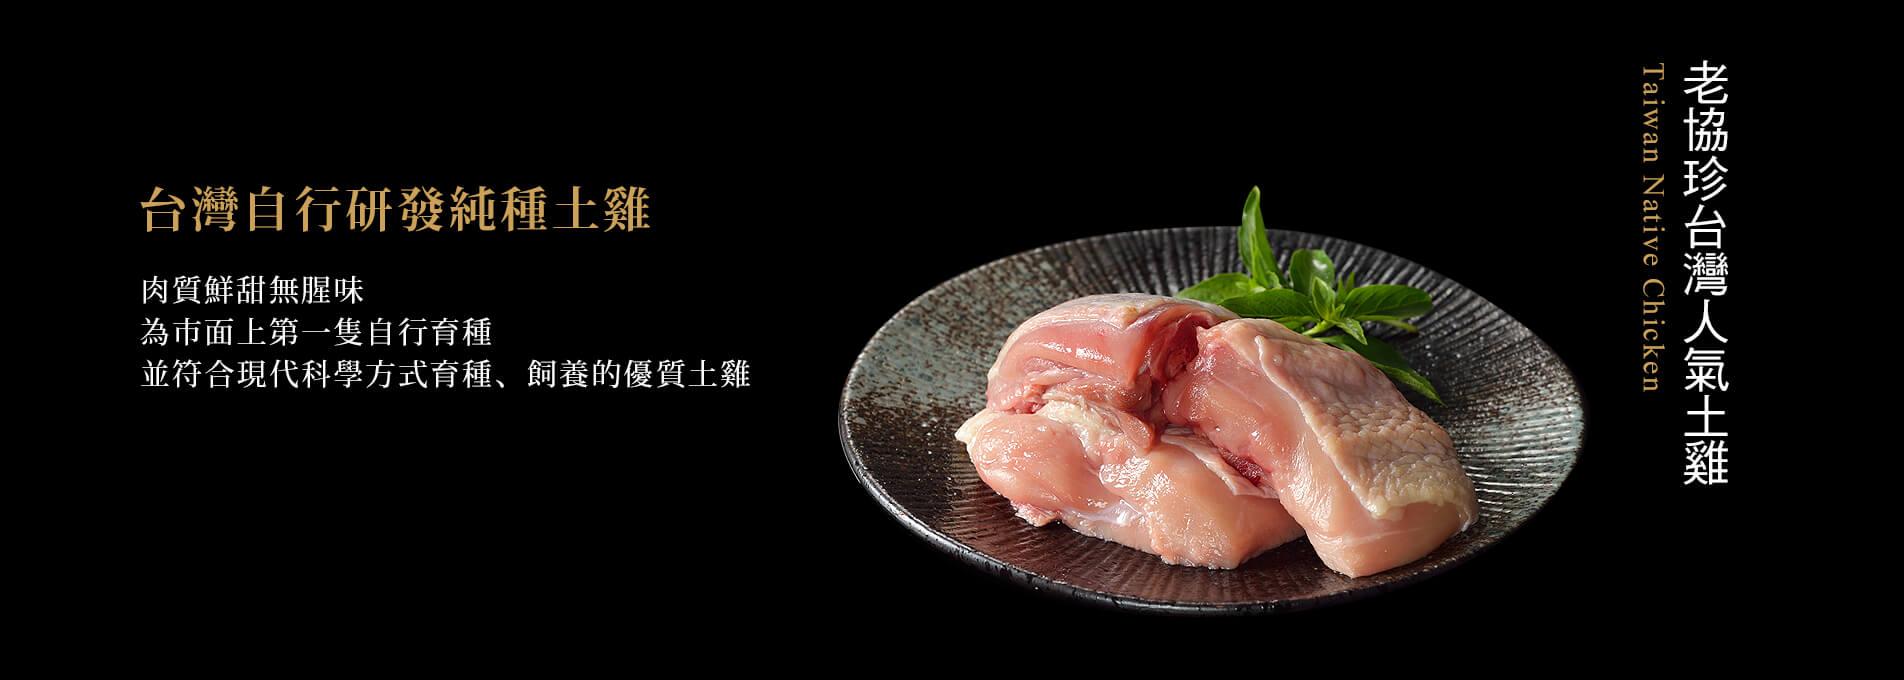 老協珍台灣人氣土雞(已分切)1600g/2盒